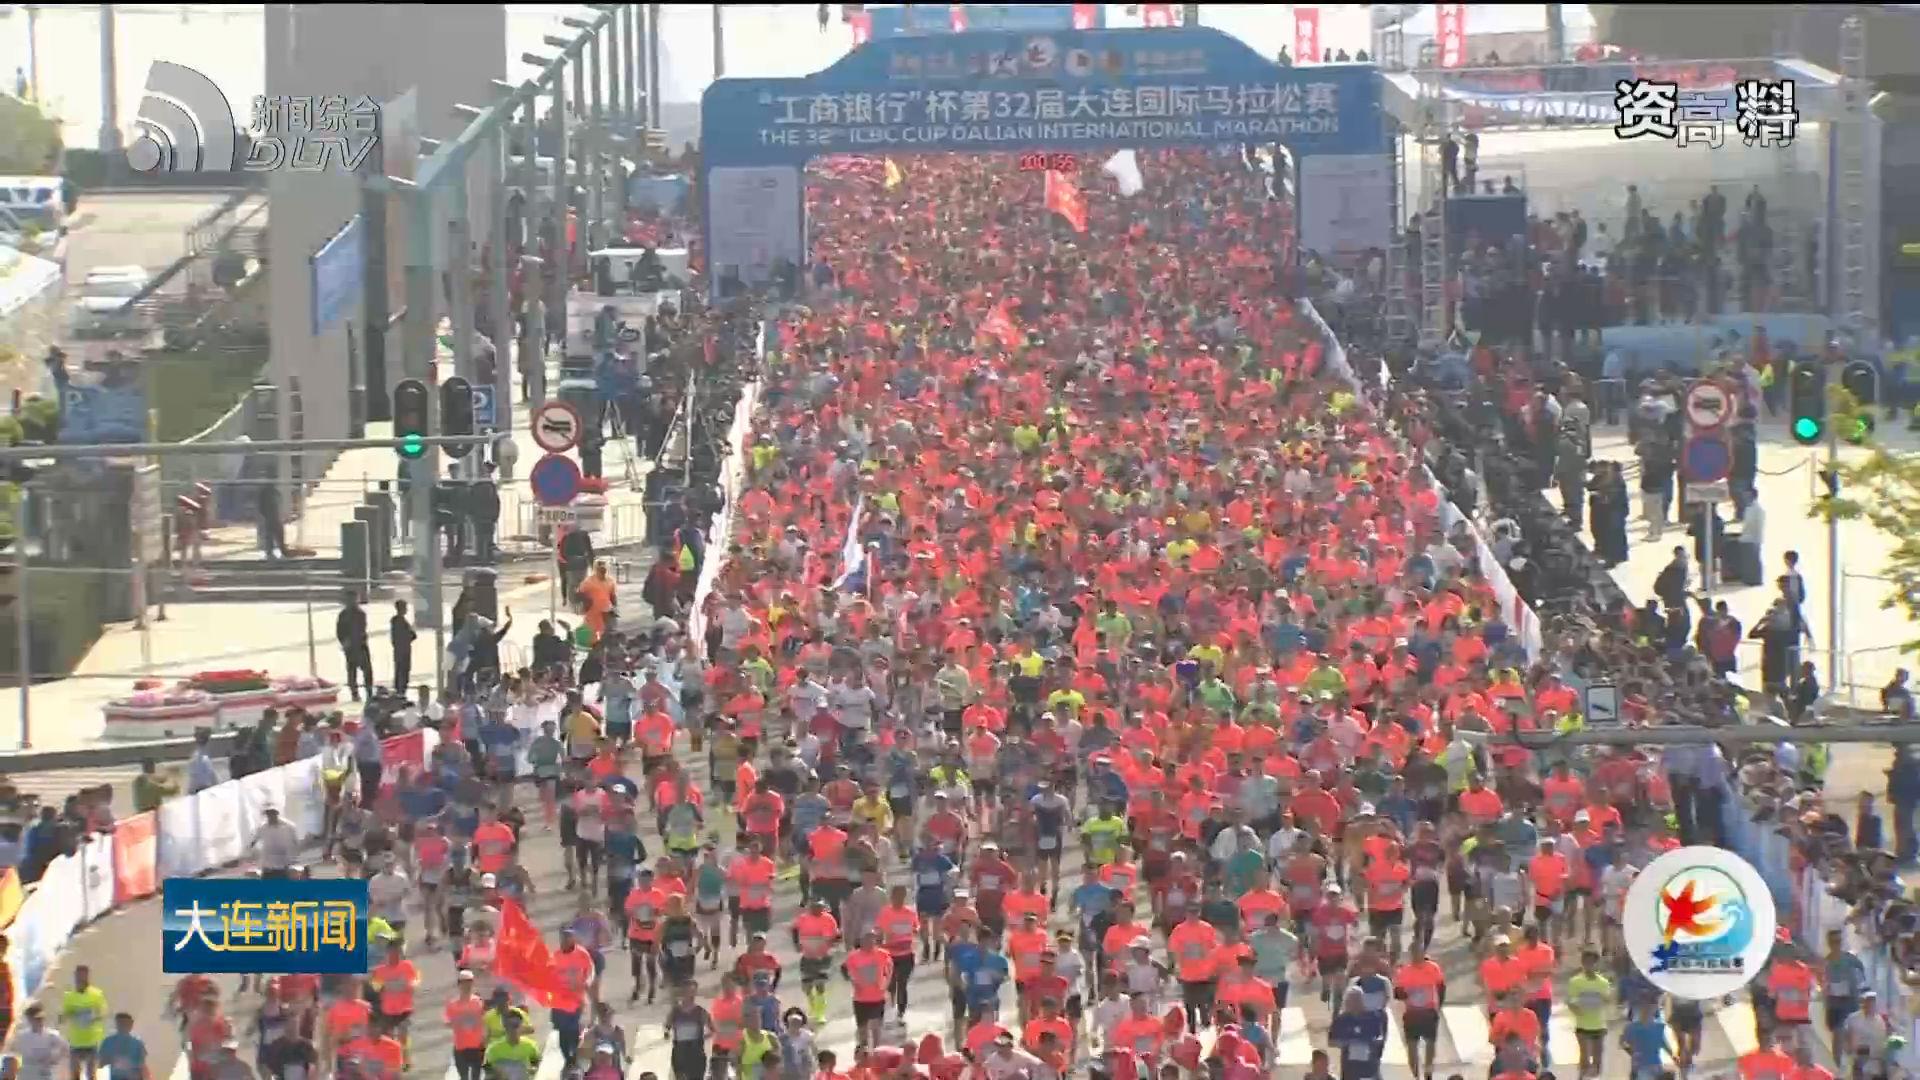 第33届大连国际马拉松比赛路线发布